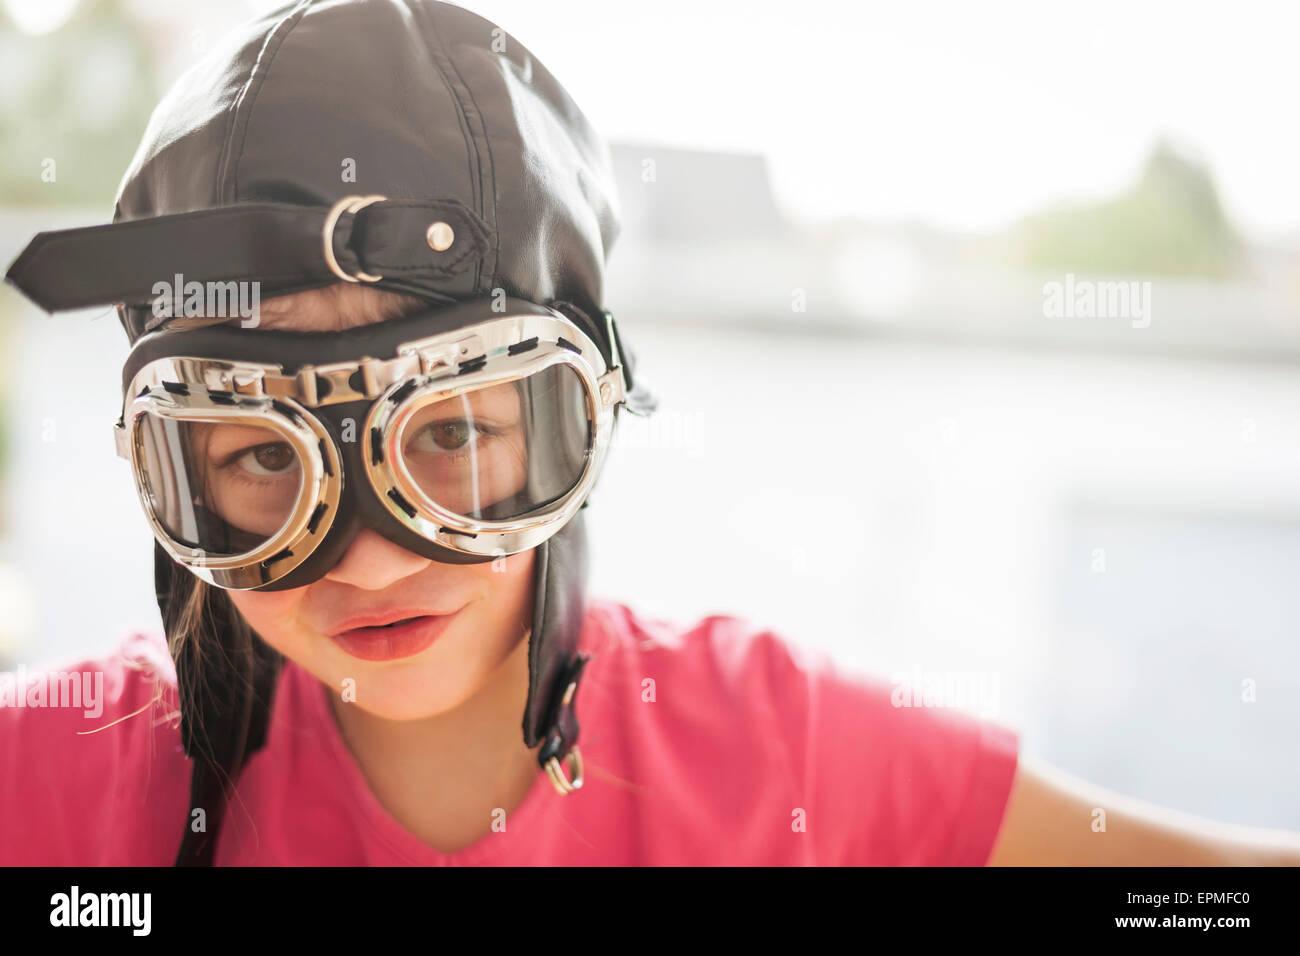 e39e190dc1 Pilot Hat Stock Photos   Pilot Hat Stock Images - Alamy